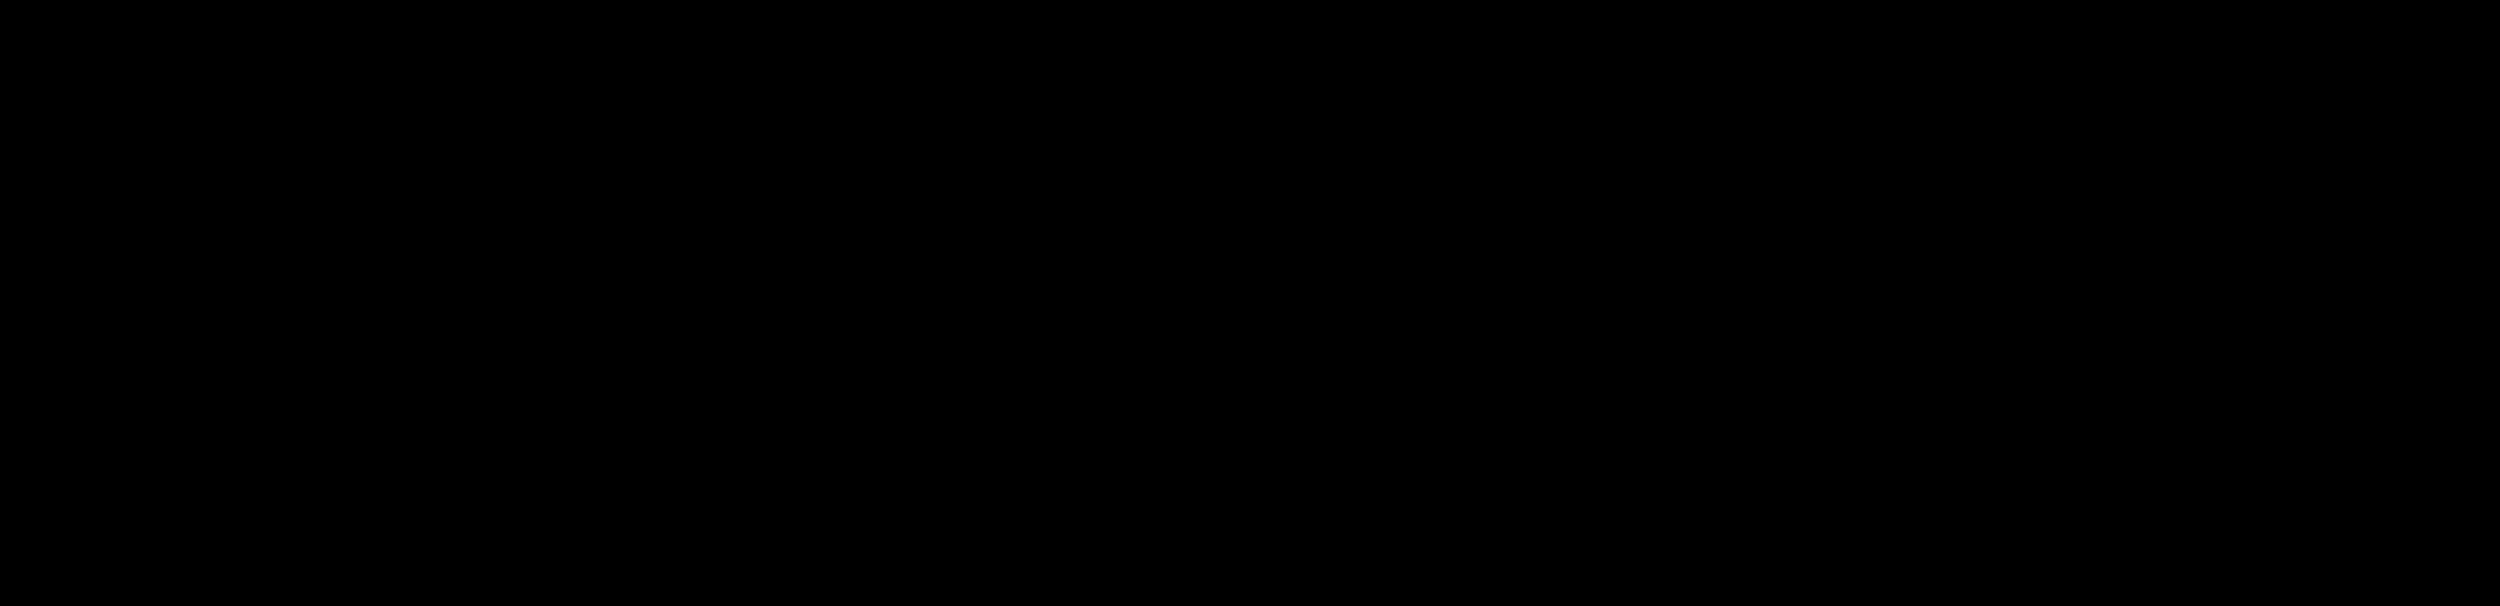 Footer logos2.png